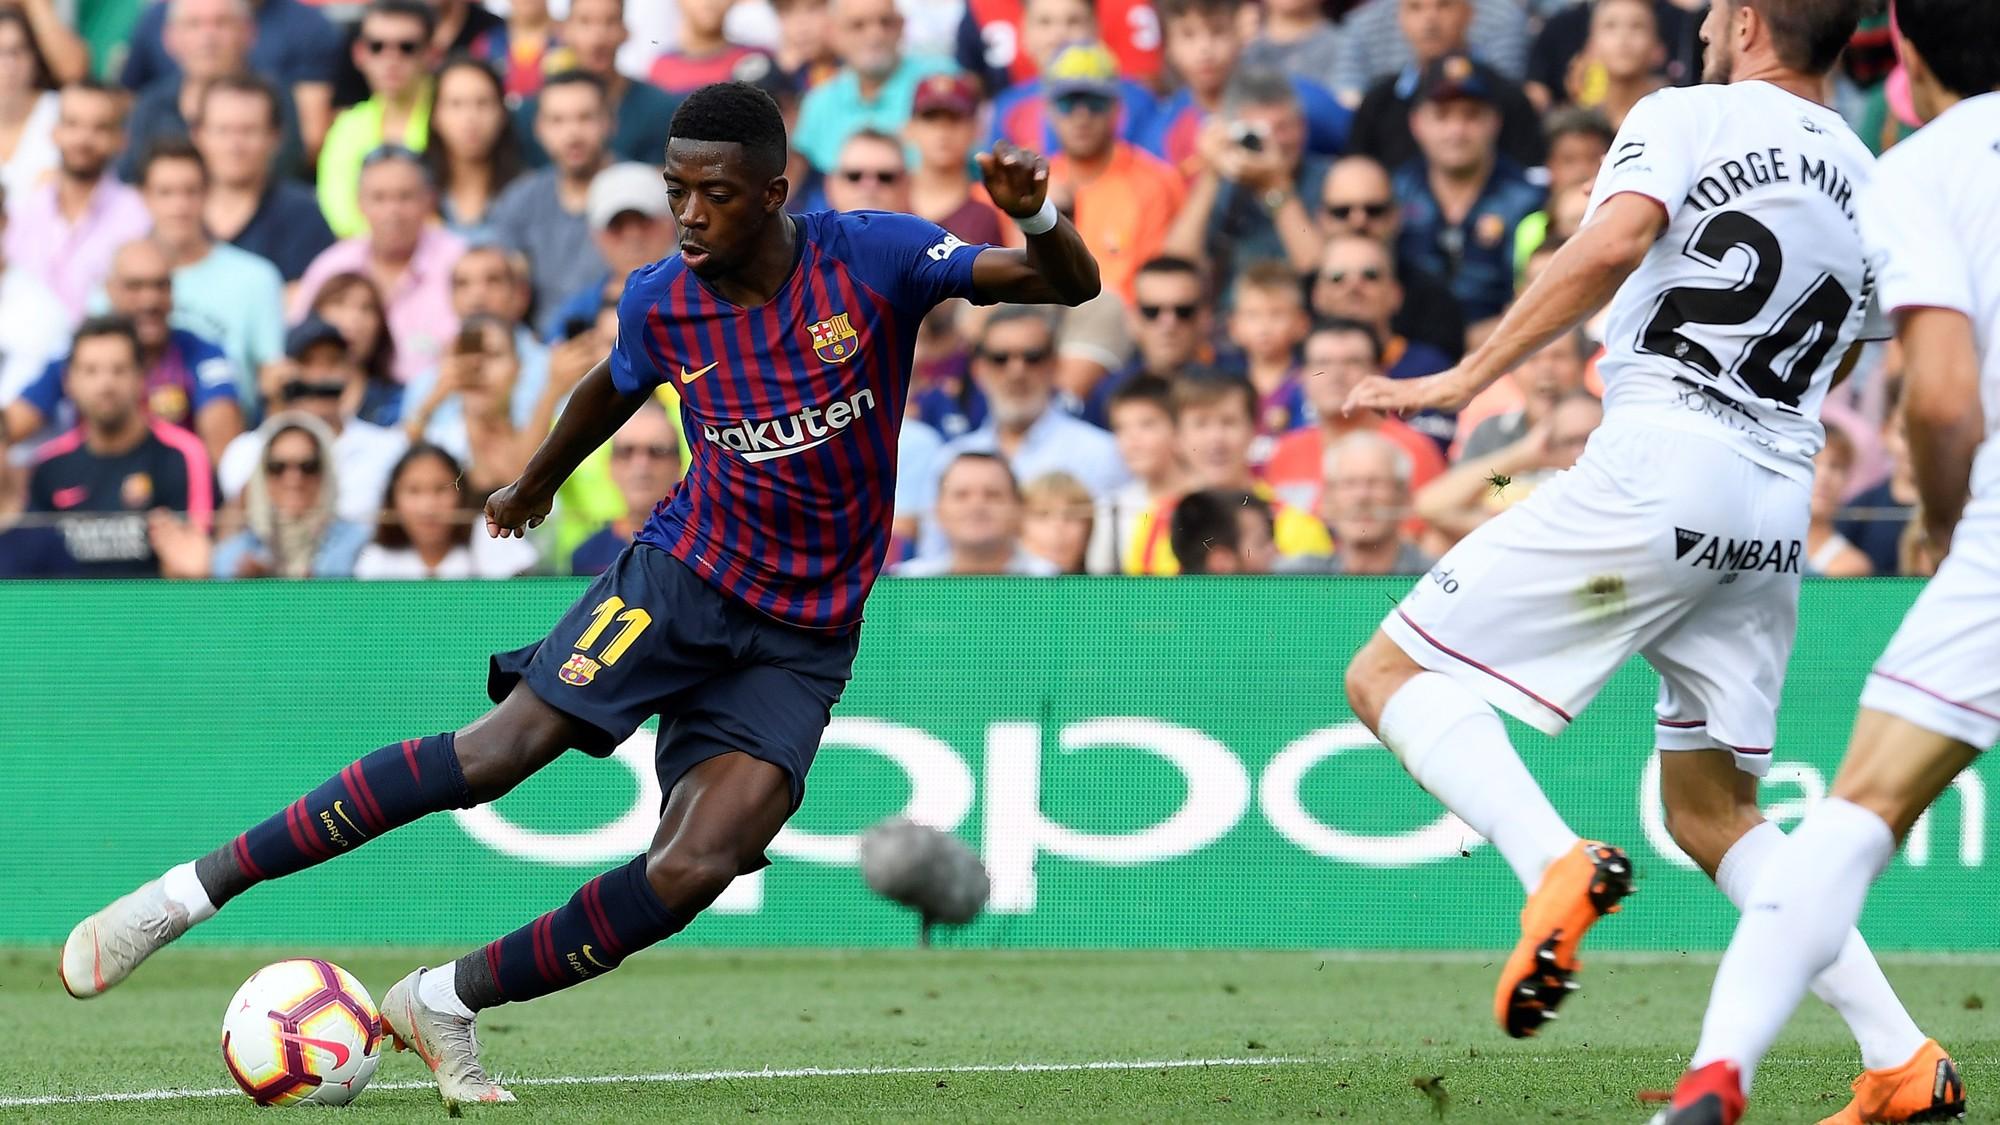 Barcelona sẽ đứng ở đâu trên BXH nếu không có những điểm số Dembele mang về? - Ảnh 4.